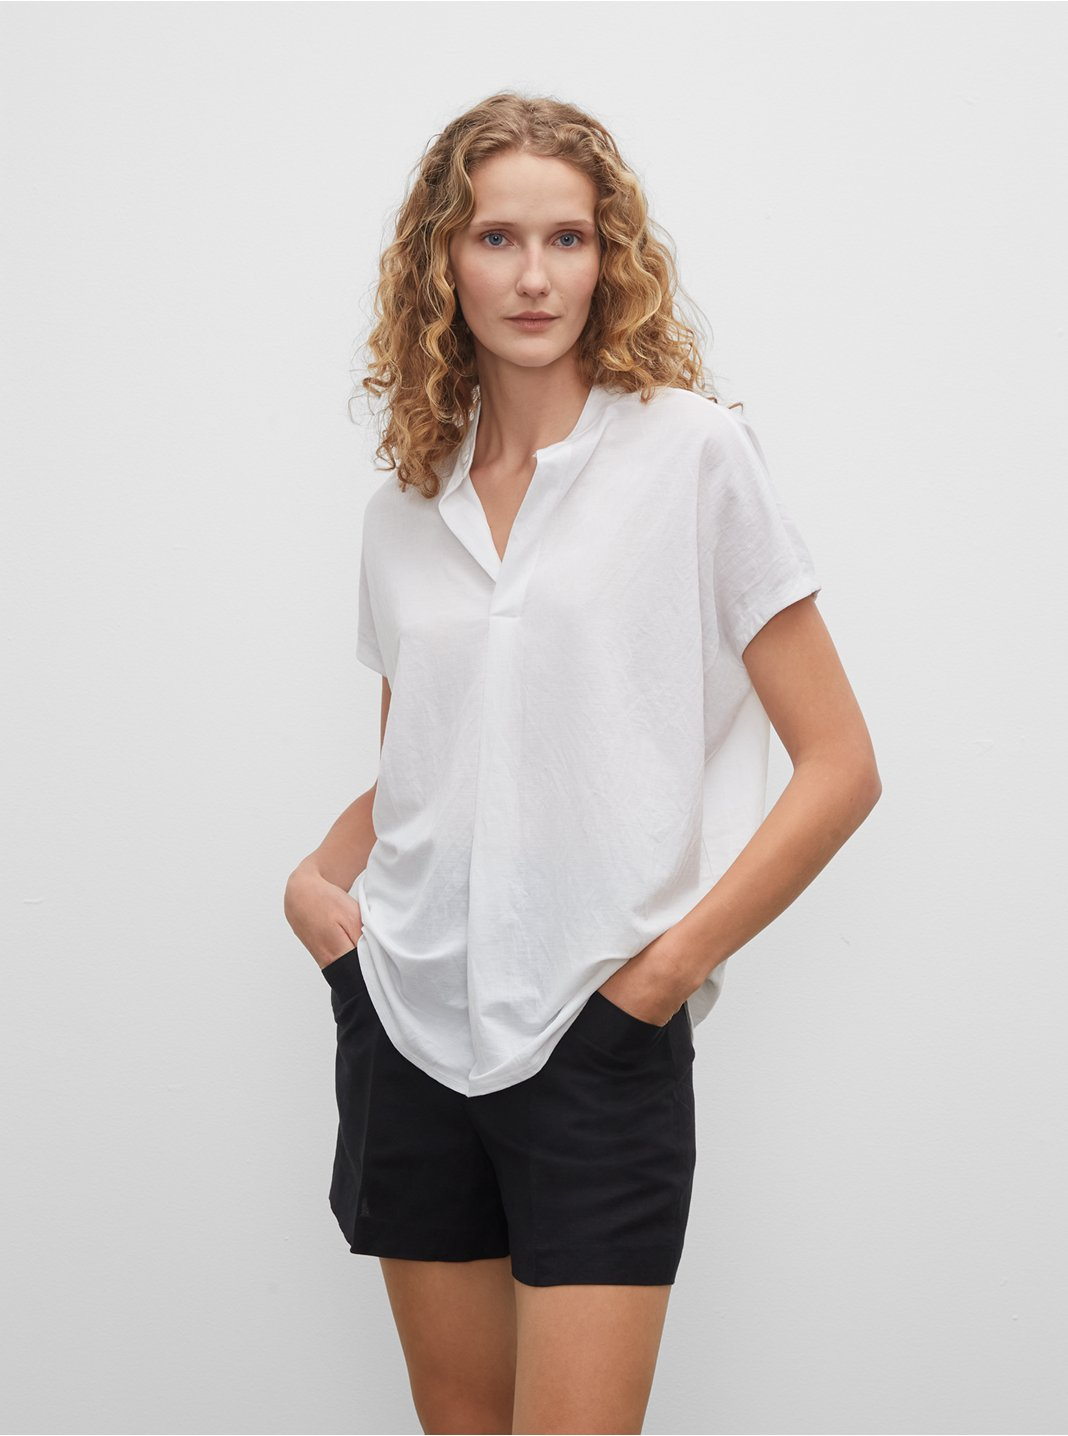 클럽 모나코 Jandina 반팔 티셔츠 Club Monaco Jandina Knit Top